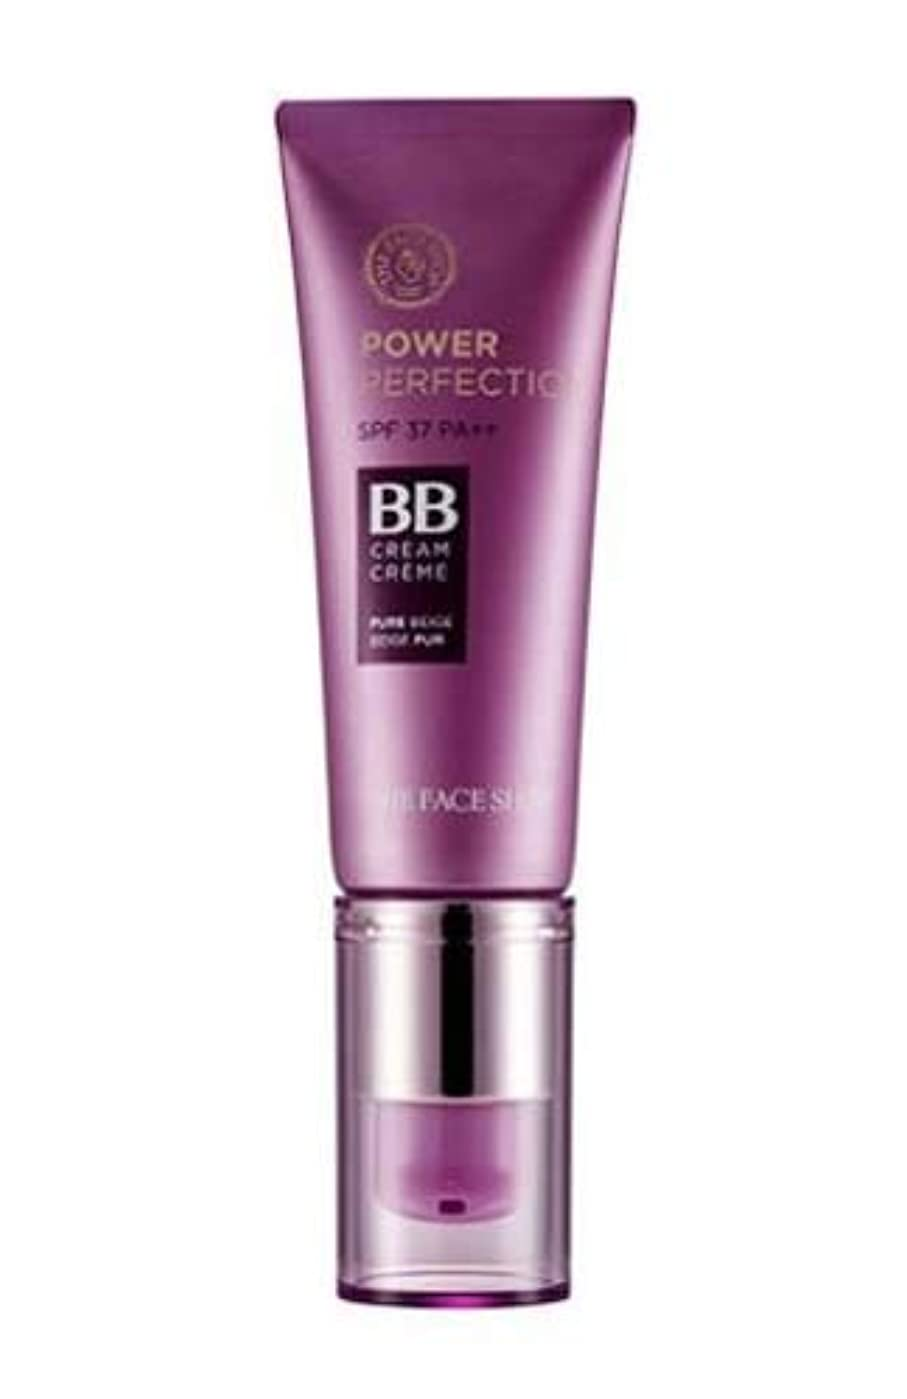 圧縮ヒギンズ贅沢な[ザ?フェイスショップ] THE FACE SHOP [パワー パーフェクションBBクリーム 20g] Power Perfection BB Cream SPF37PA++ (V203 - Natural Beige)